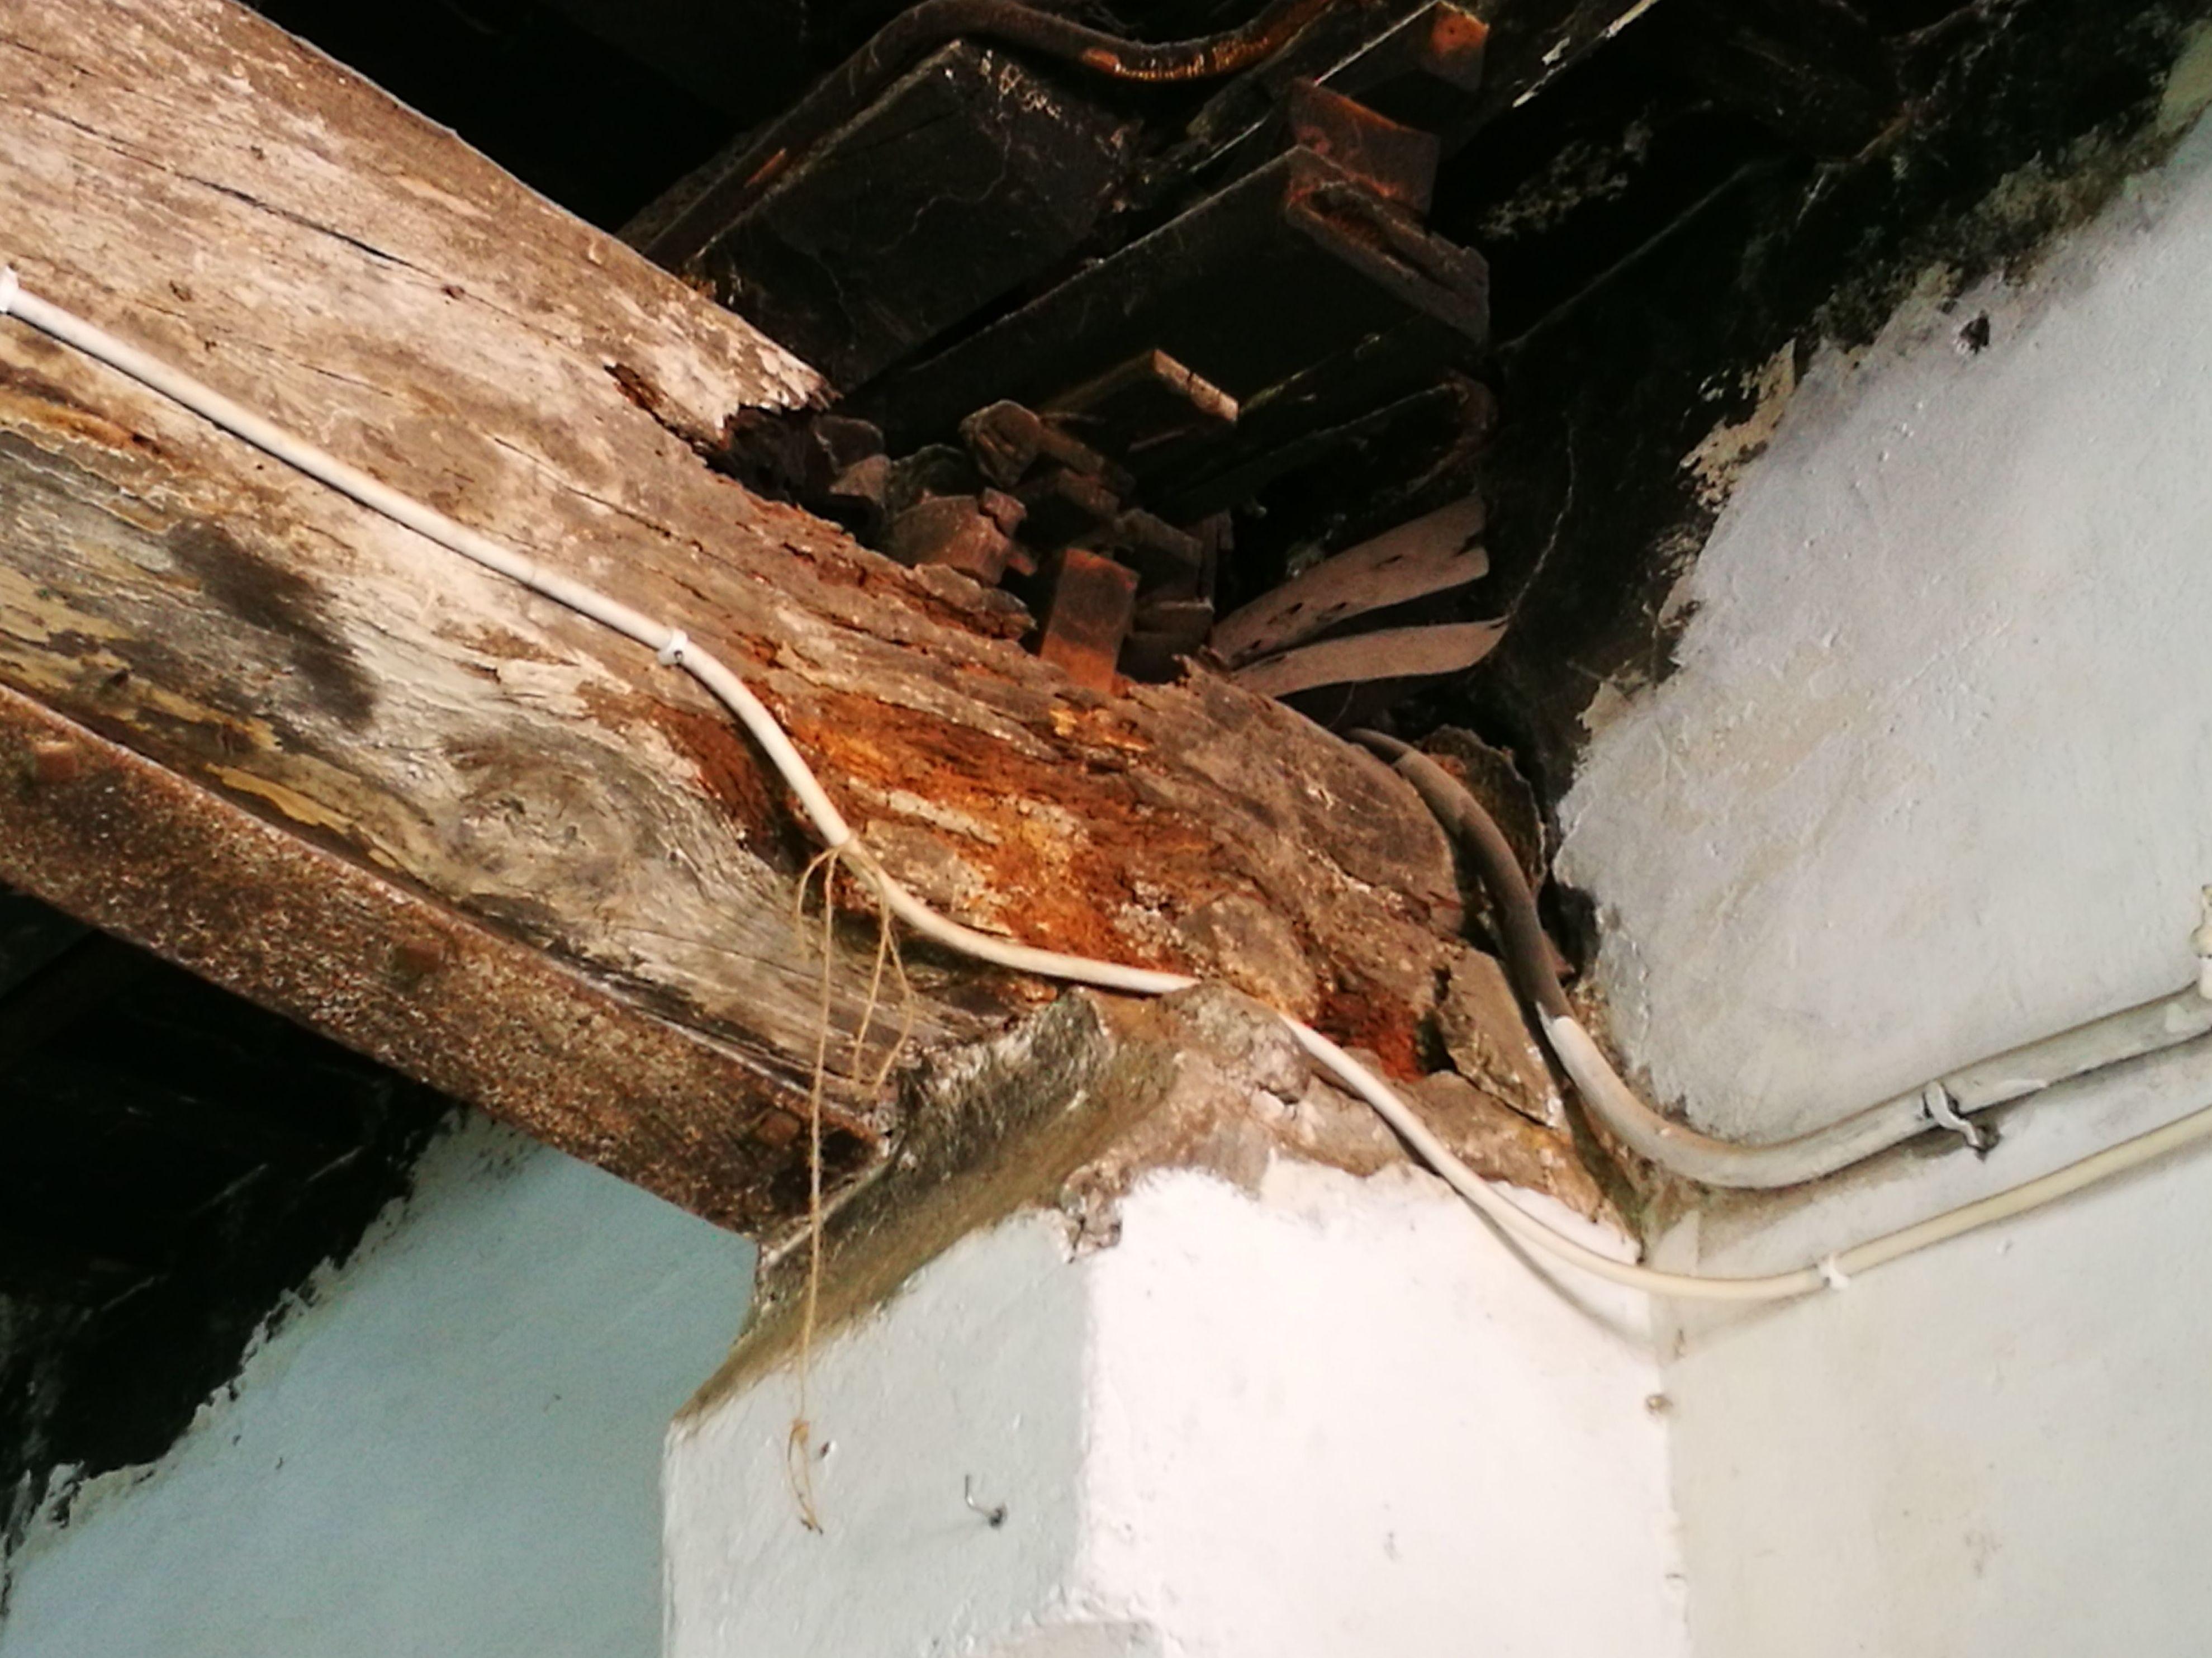 Foto 1 de Análisis y diagnosis de patologías en estructuras de madera en Girona   Helpest 21